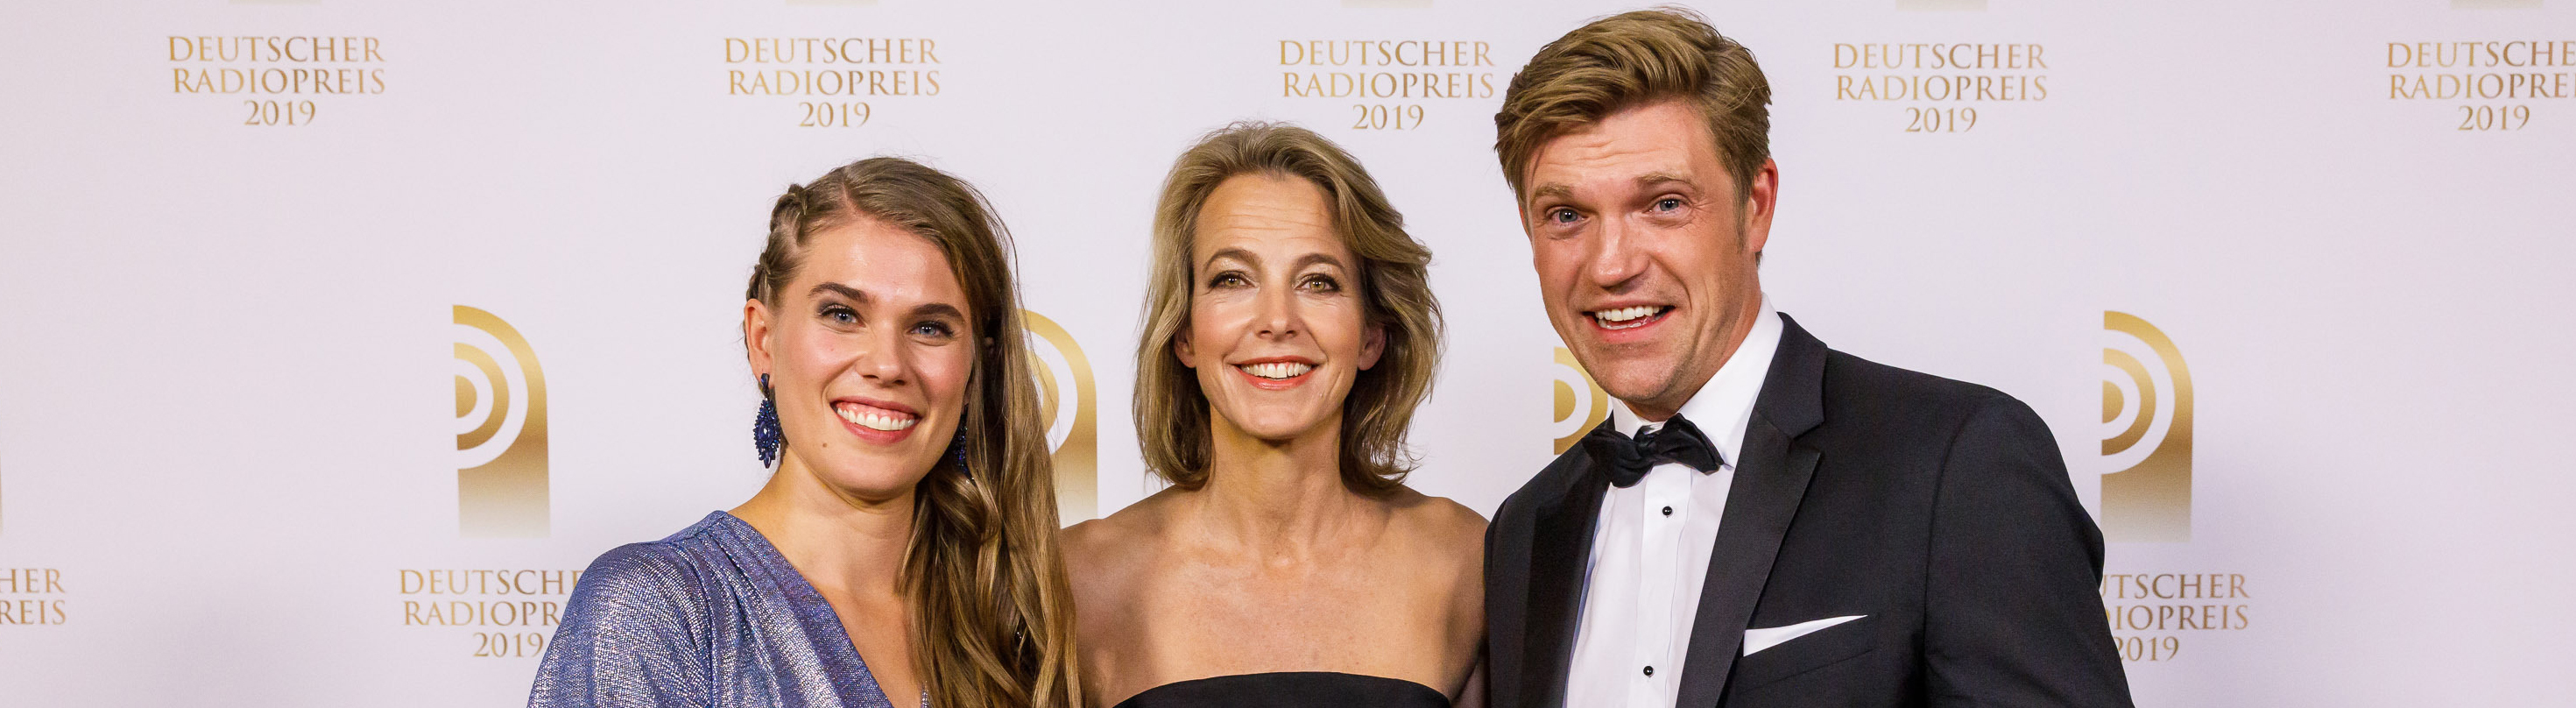 Deutscher Radiopreis